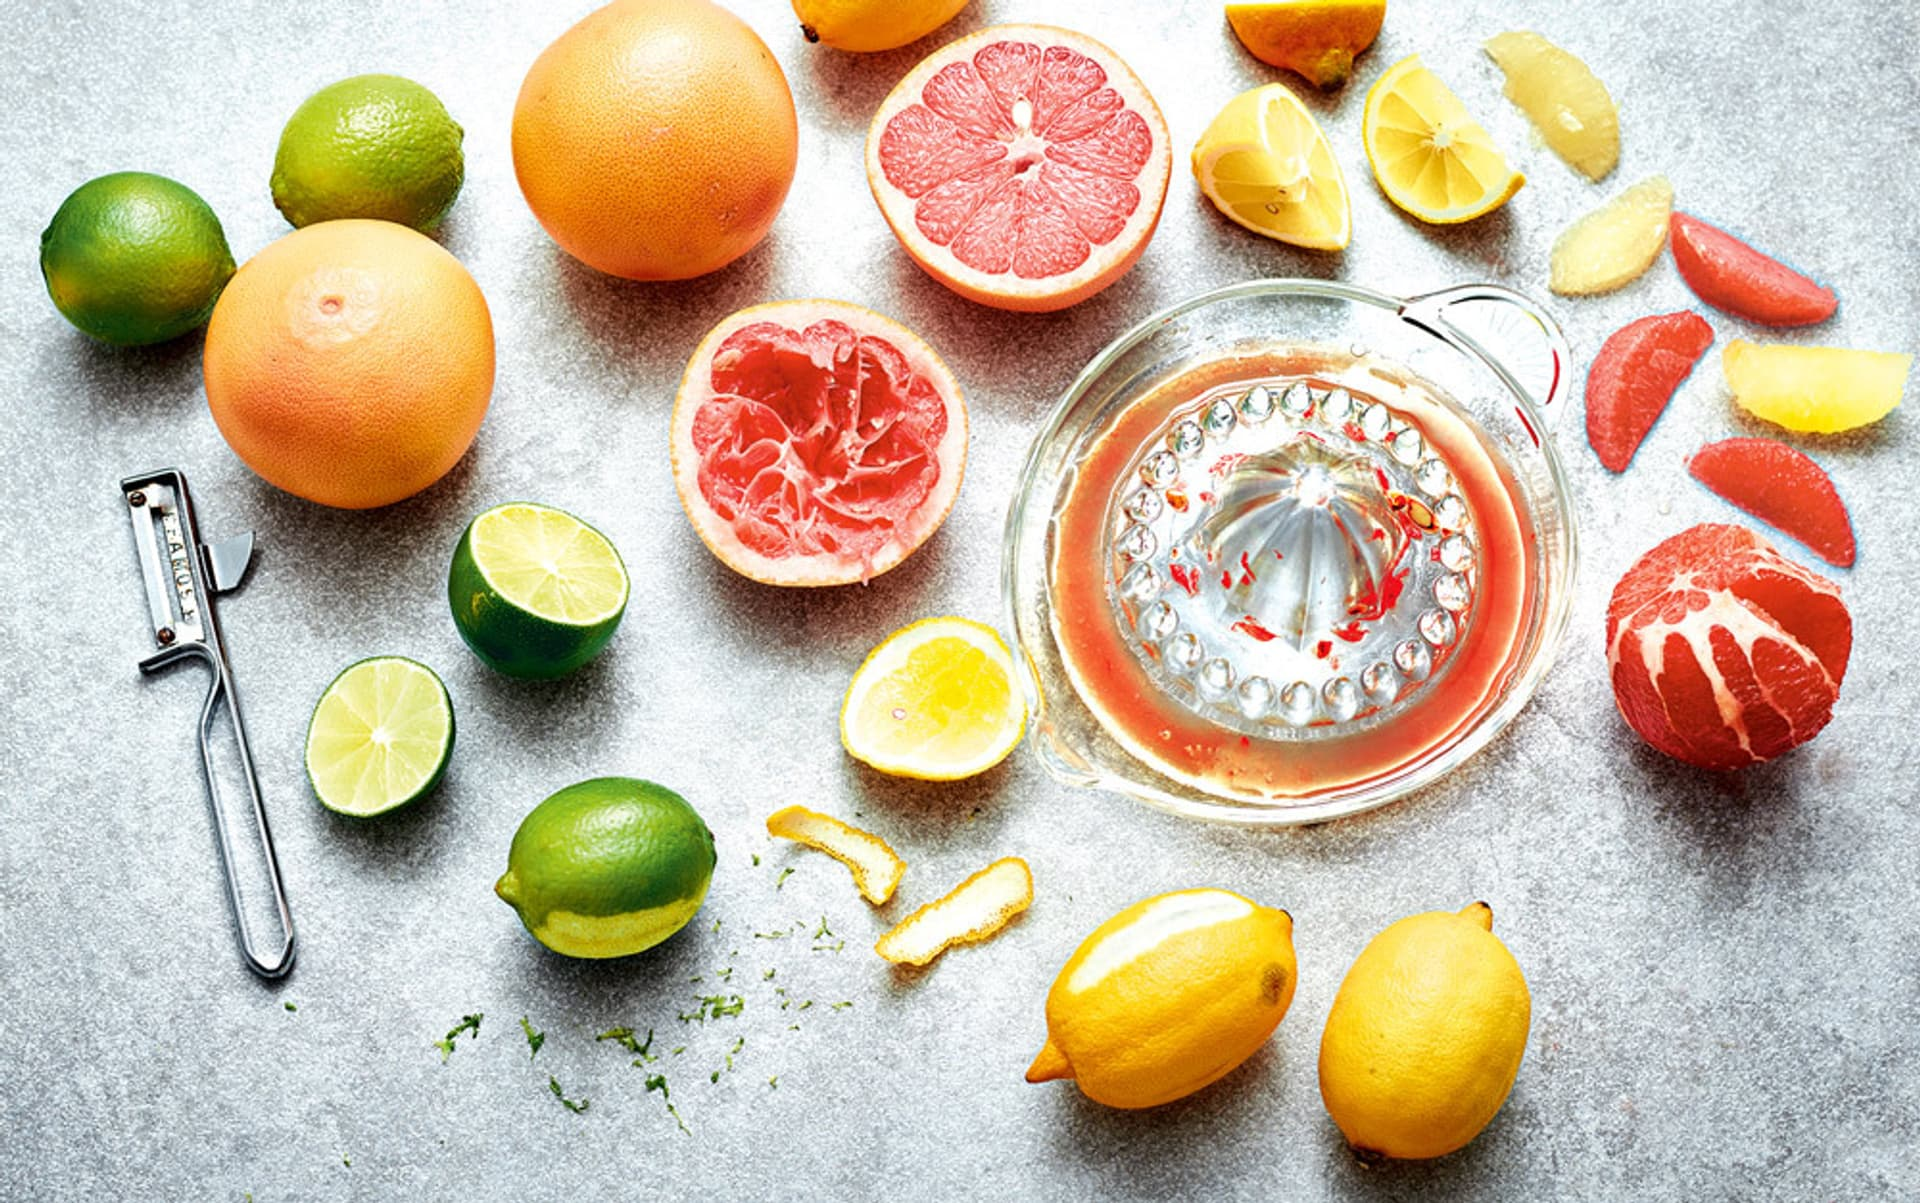 Verschiedene Arten von Zitrusfrüchten liegen auf einem hellgrauen Untergrund, manche am Stück, mache halbiert, filetiert oder ausgepresst.